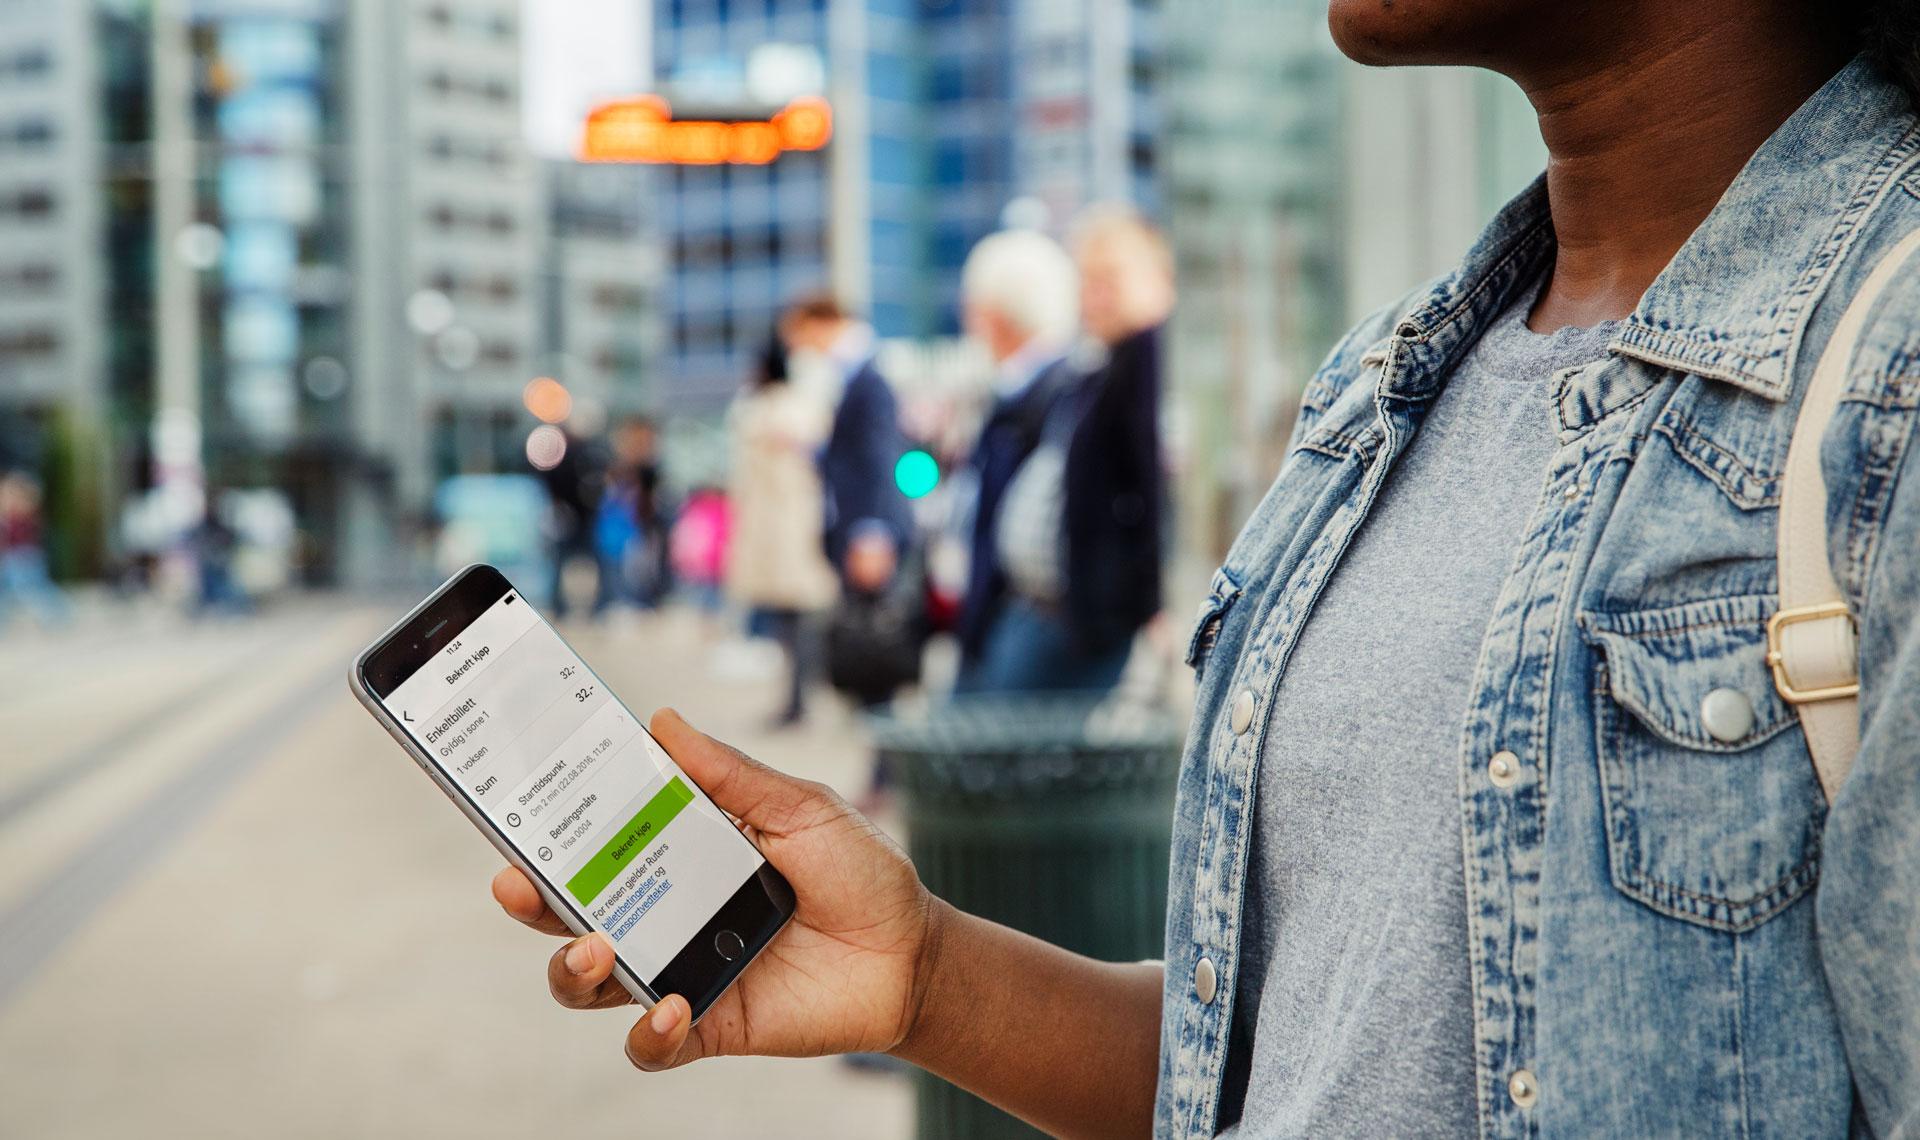 Bilde av jente som holder en mobil som viser appen Ruter billett